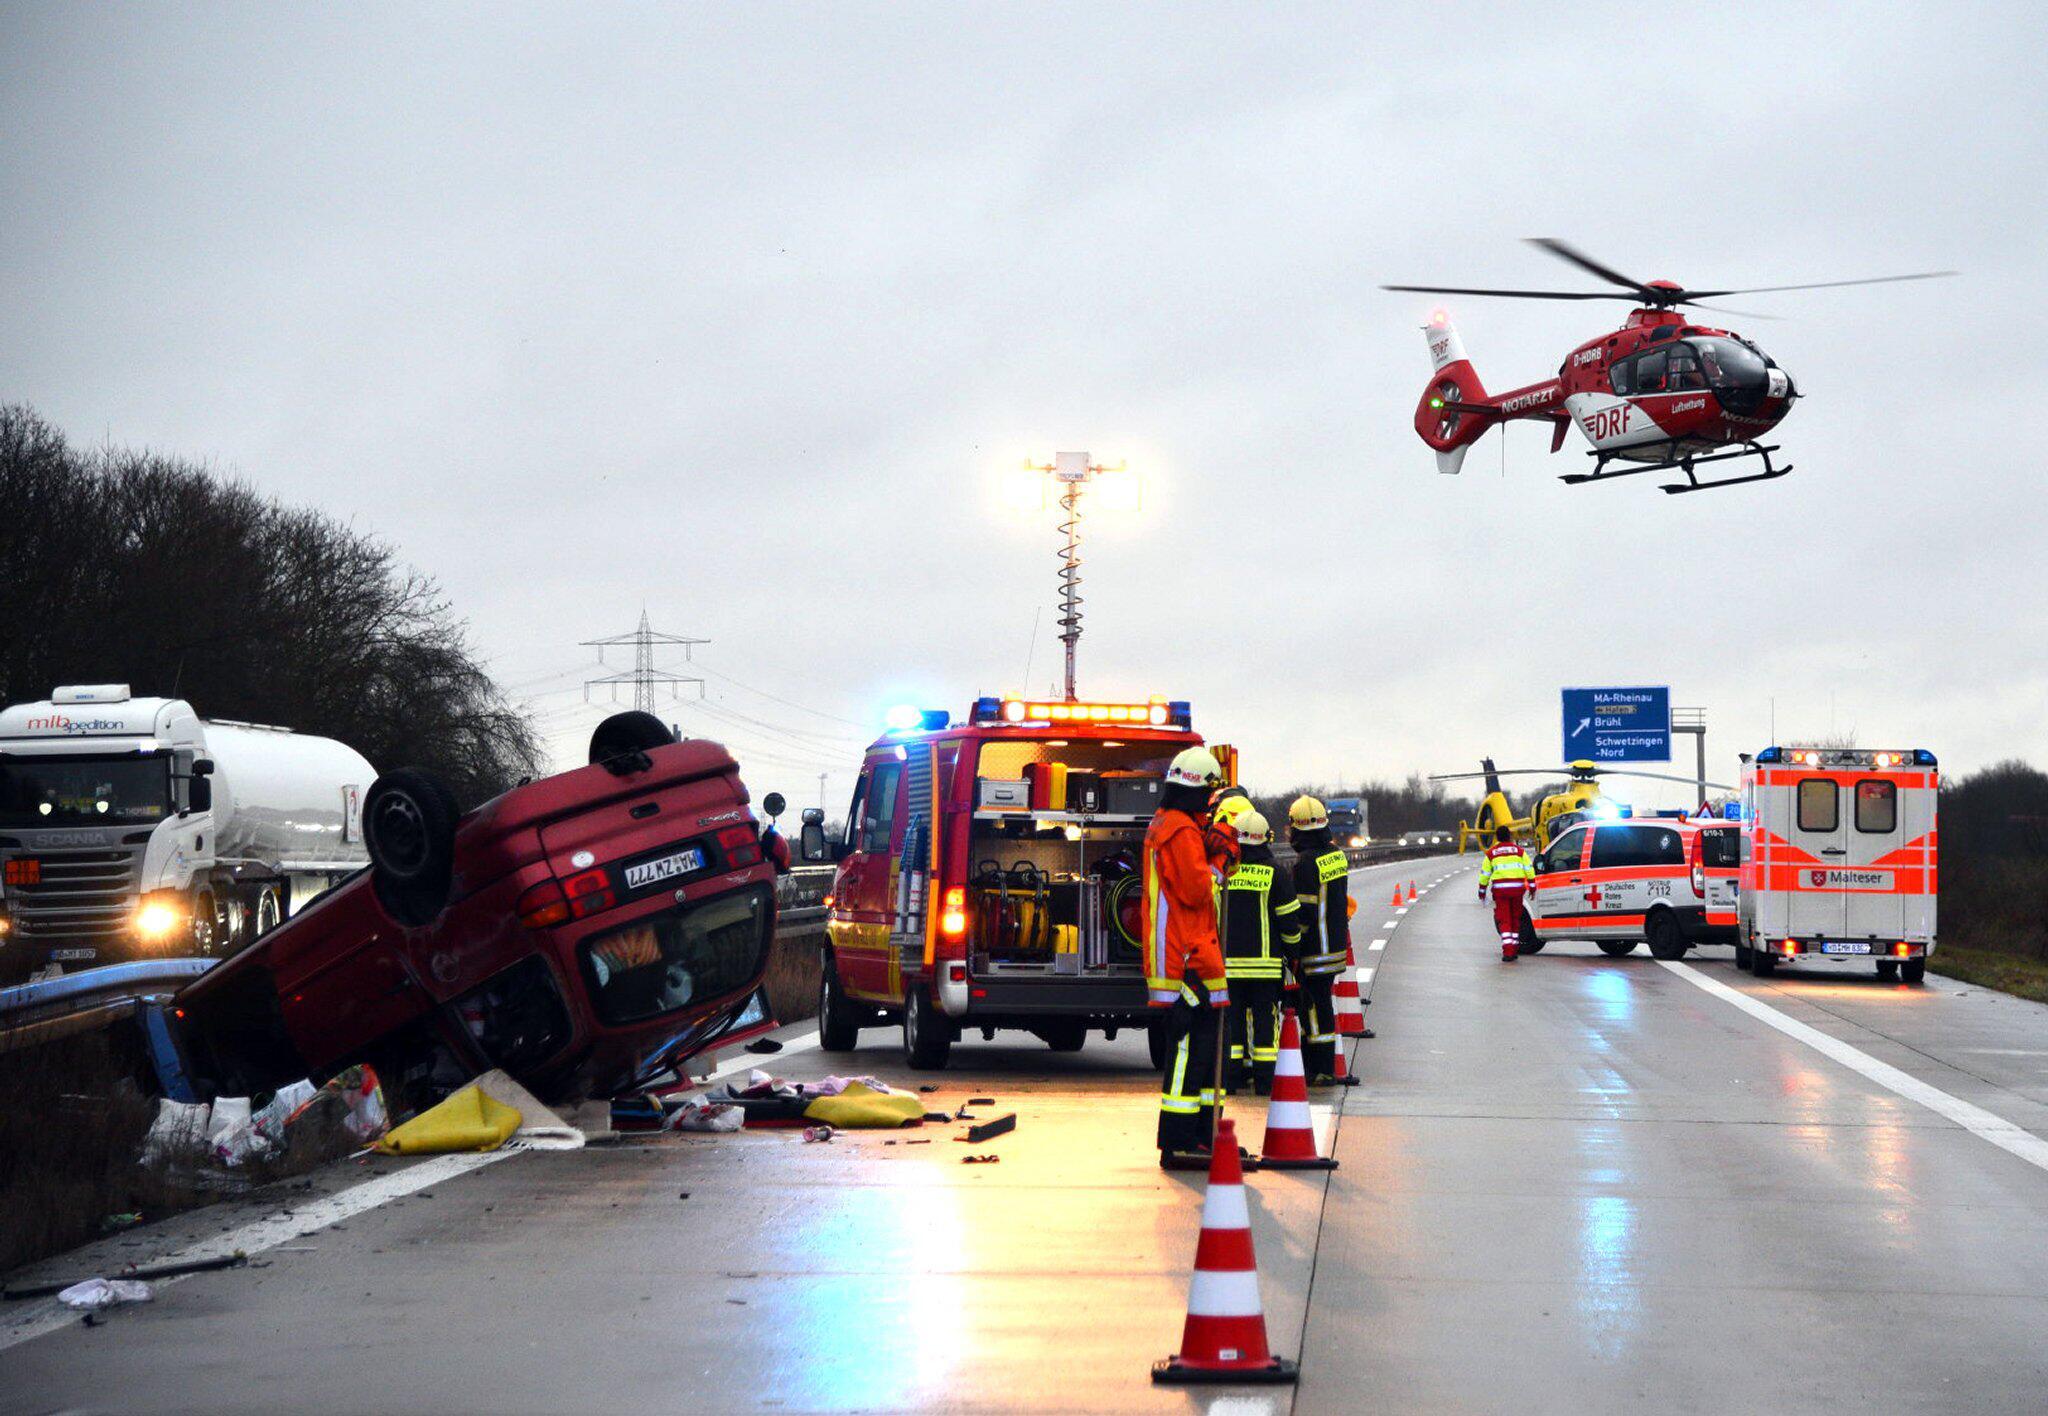 Bild zu Sechs Verletzte bei Unfall auf A6 bei Mannheim - Affe im Auto